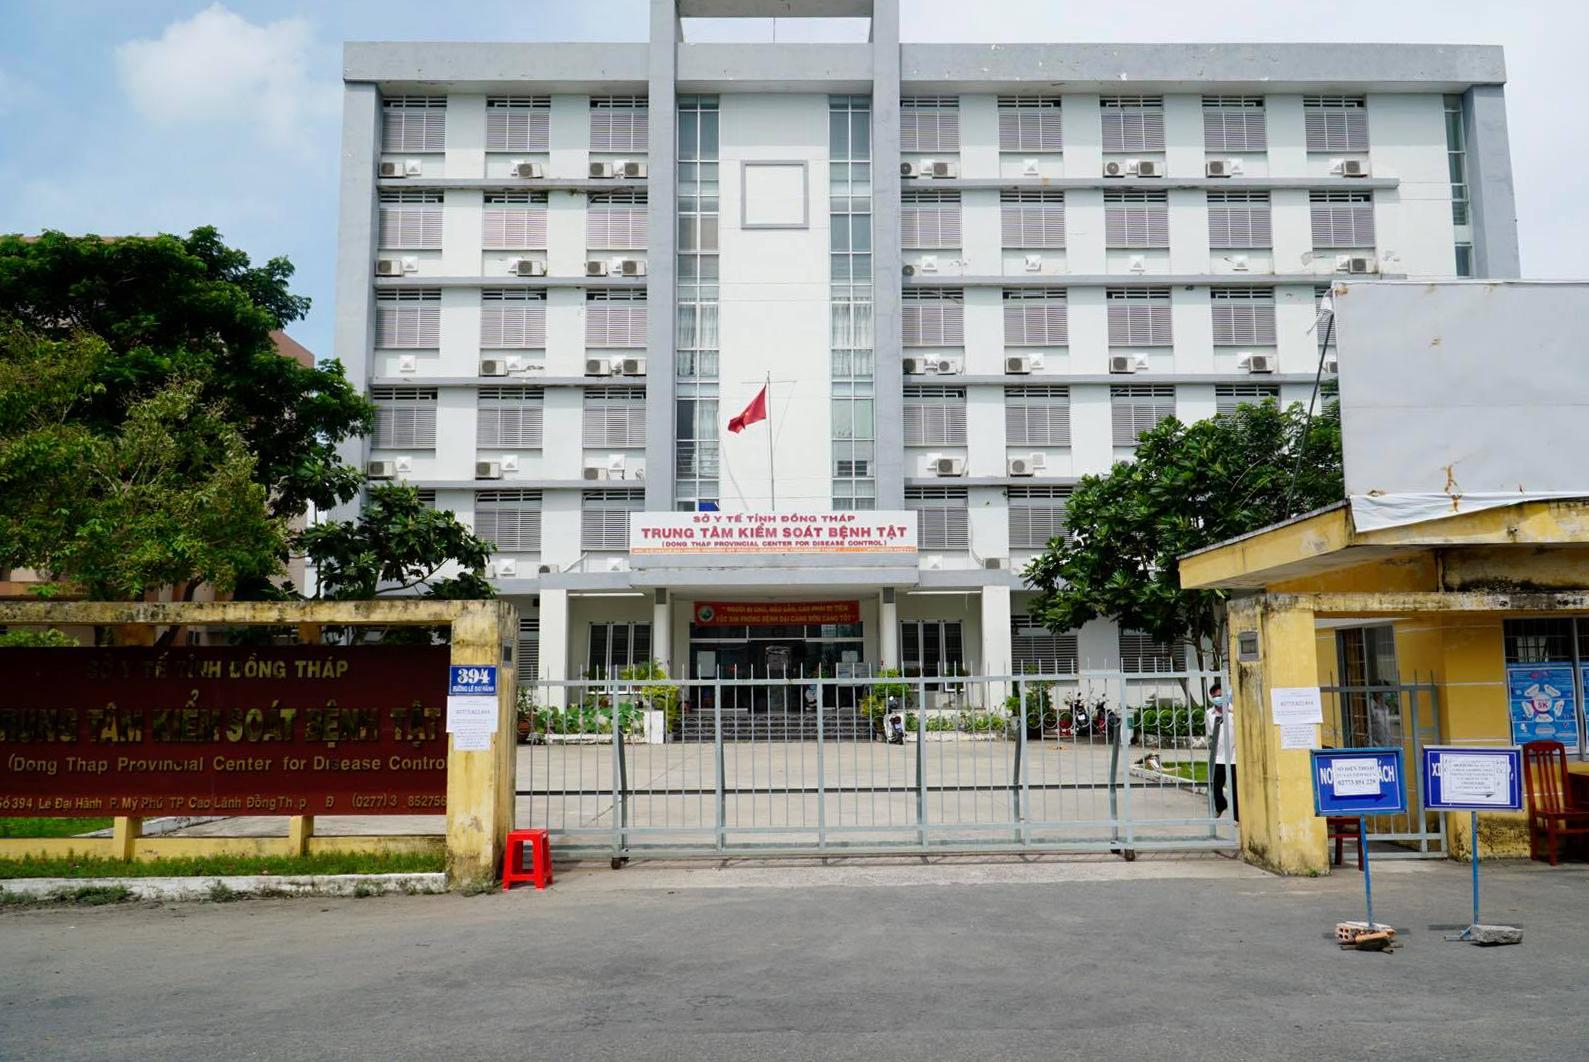 Trung tâm Kiểm soát Bệnh tật tỉnh Đồng Tháp sáng 25/6. Ảnh: Ngọc Tài